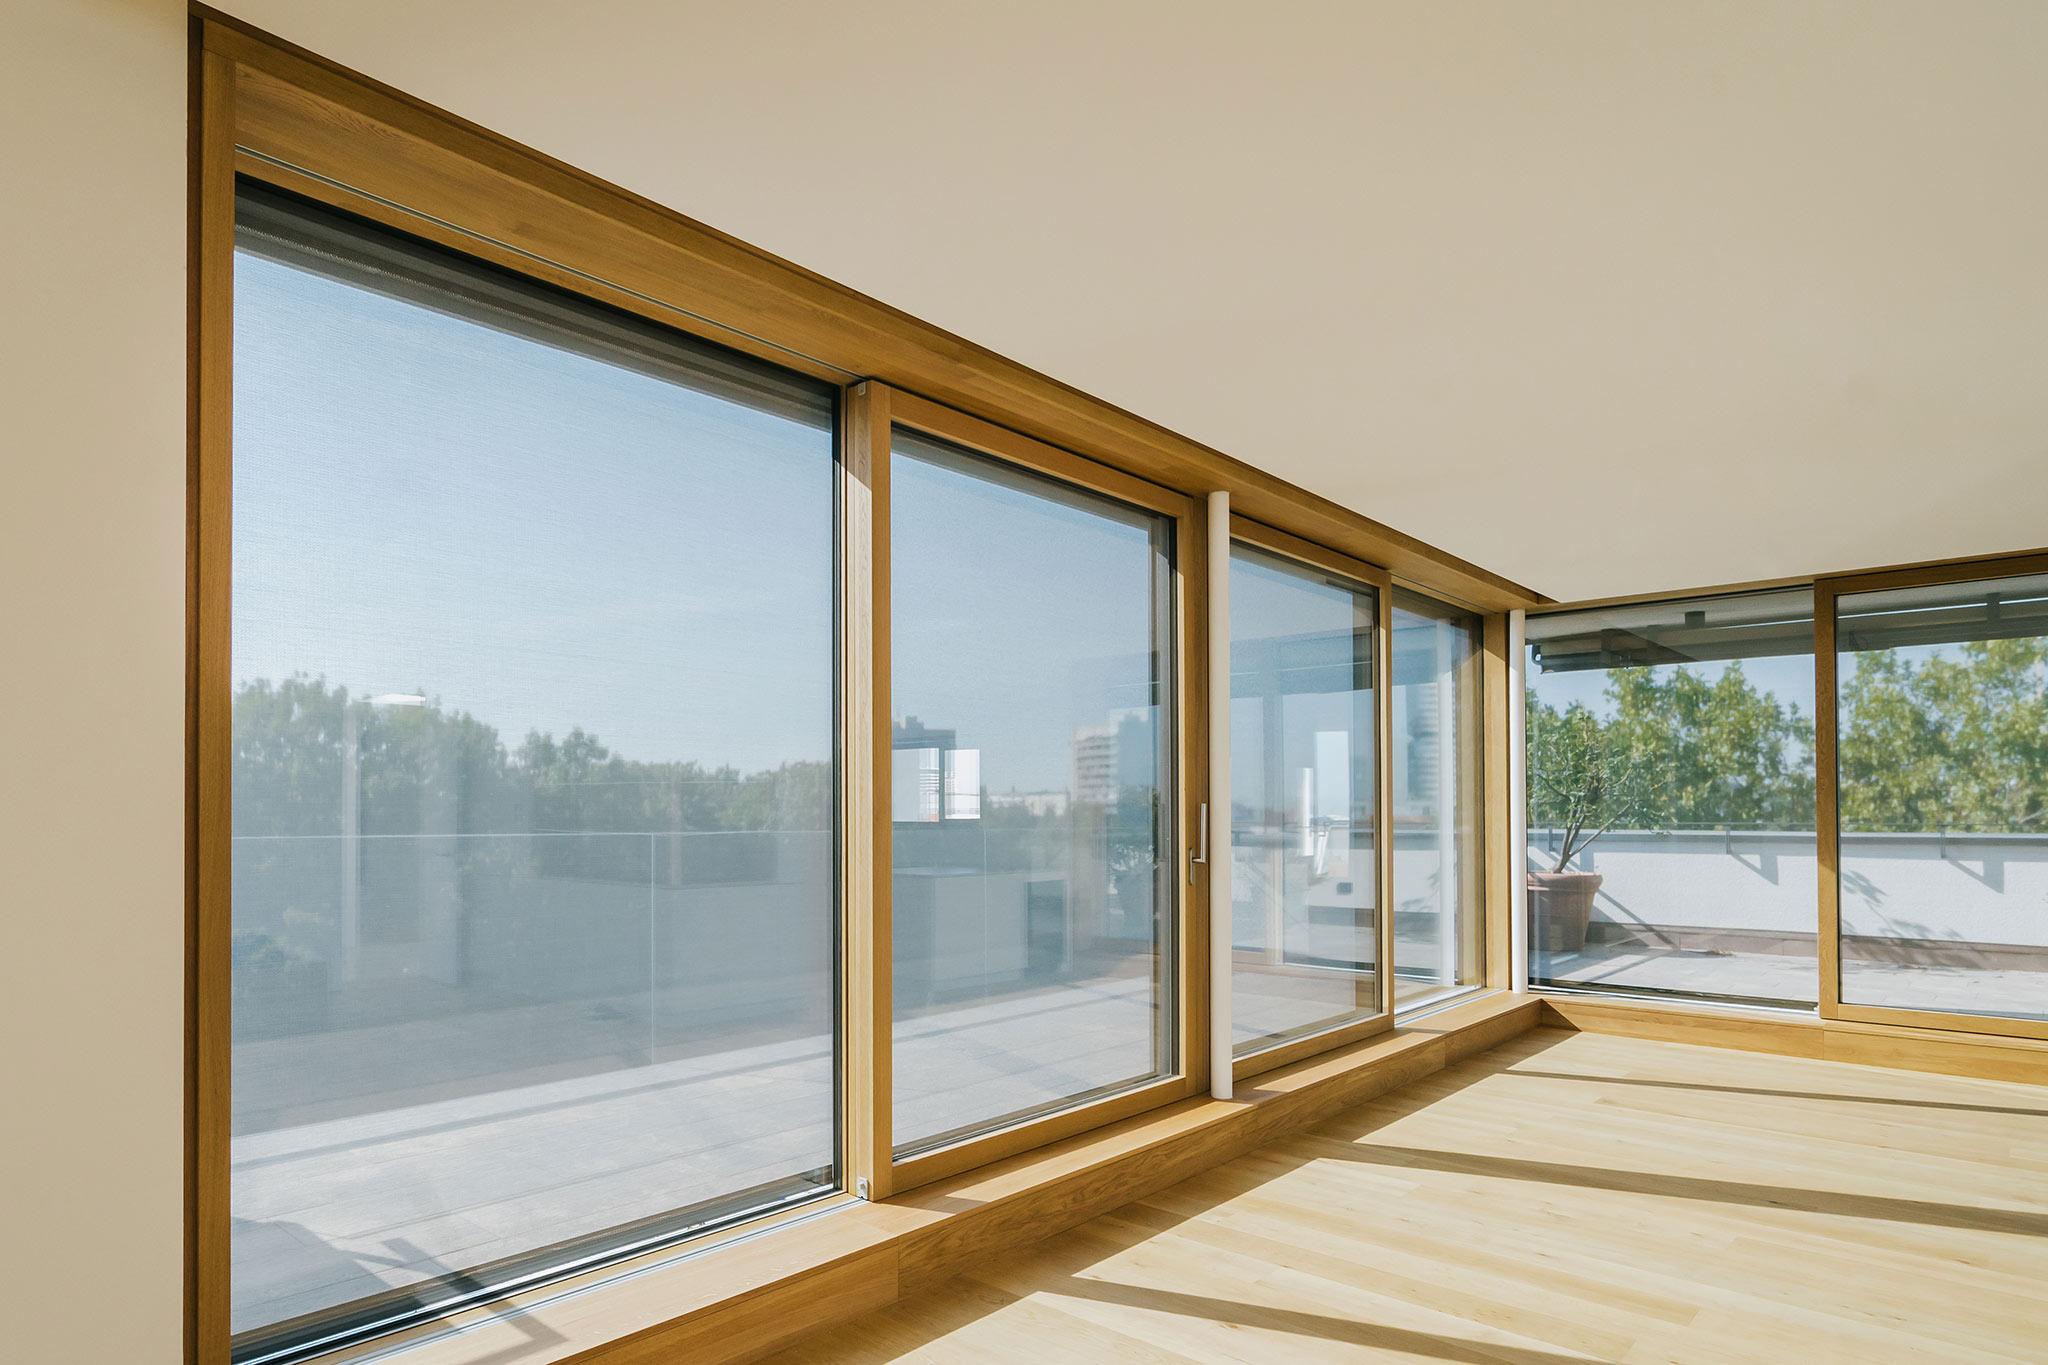 Sarger Architekten: Energetische Sanierung eines mehrgeschossigen Wohngebäudes mit 35 Wohneinheiten in München. Umbau und Sanierung einer vorhandenen Penthouse Wohnung sowie Dachgeschossausbau eines vorhandenen Speichers zu einer Wohneinheit.